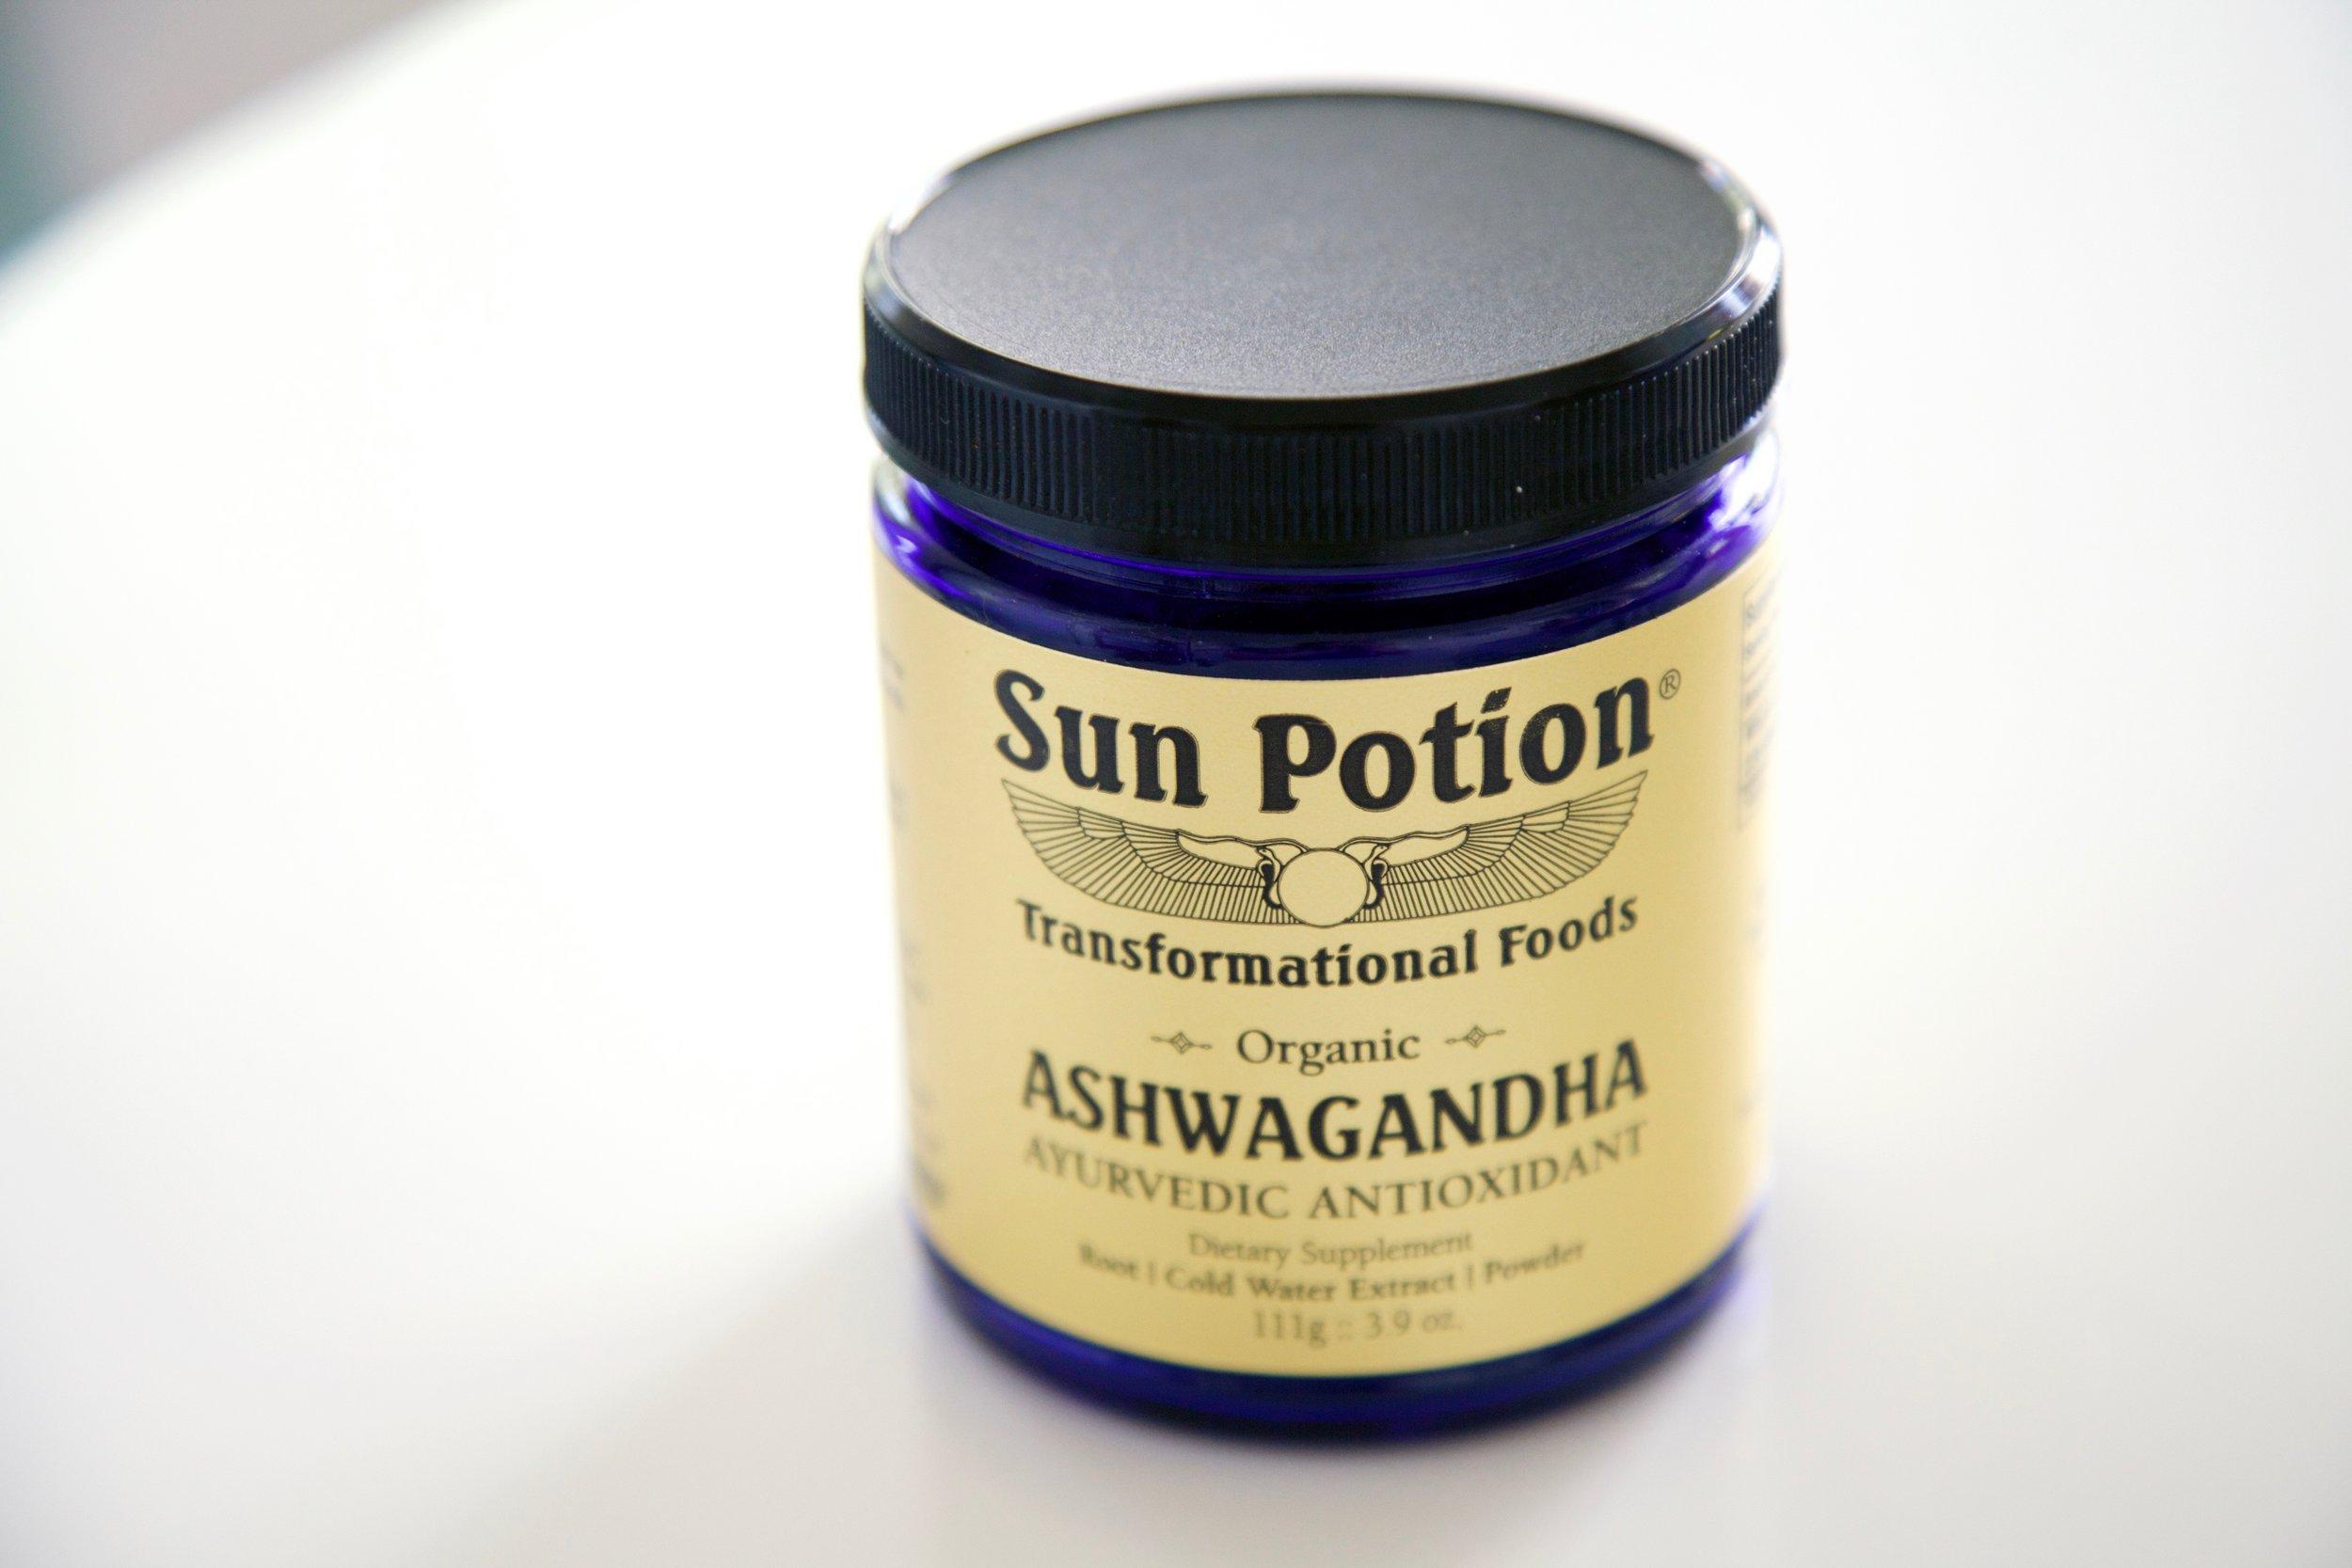 sun potion ashwagandha julianna strickland.jpg